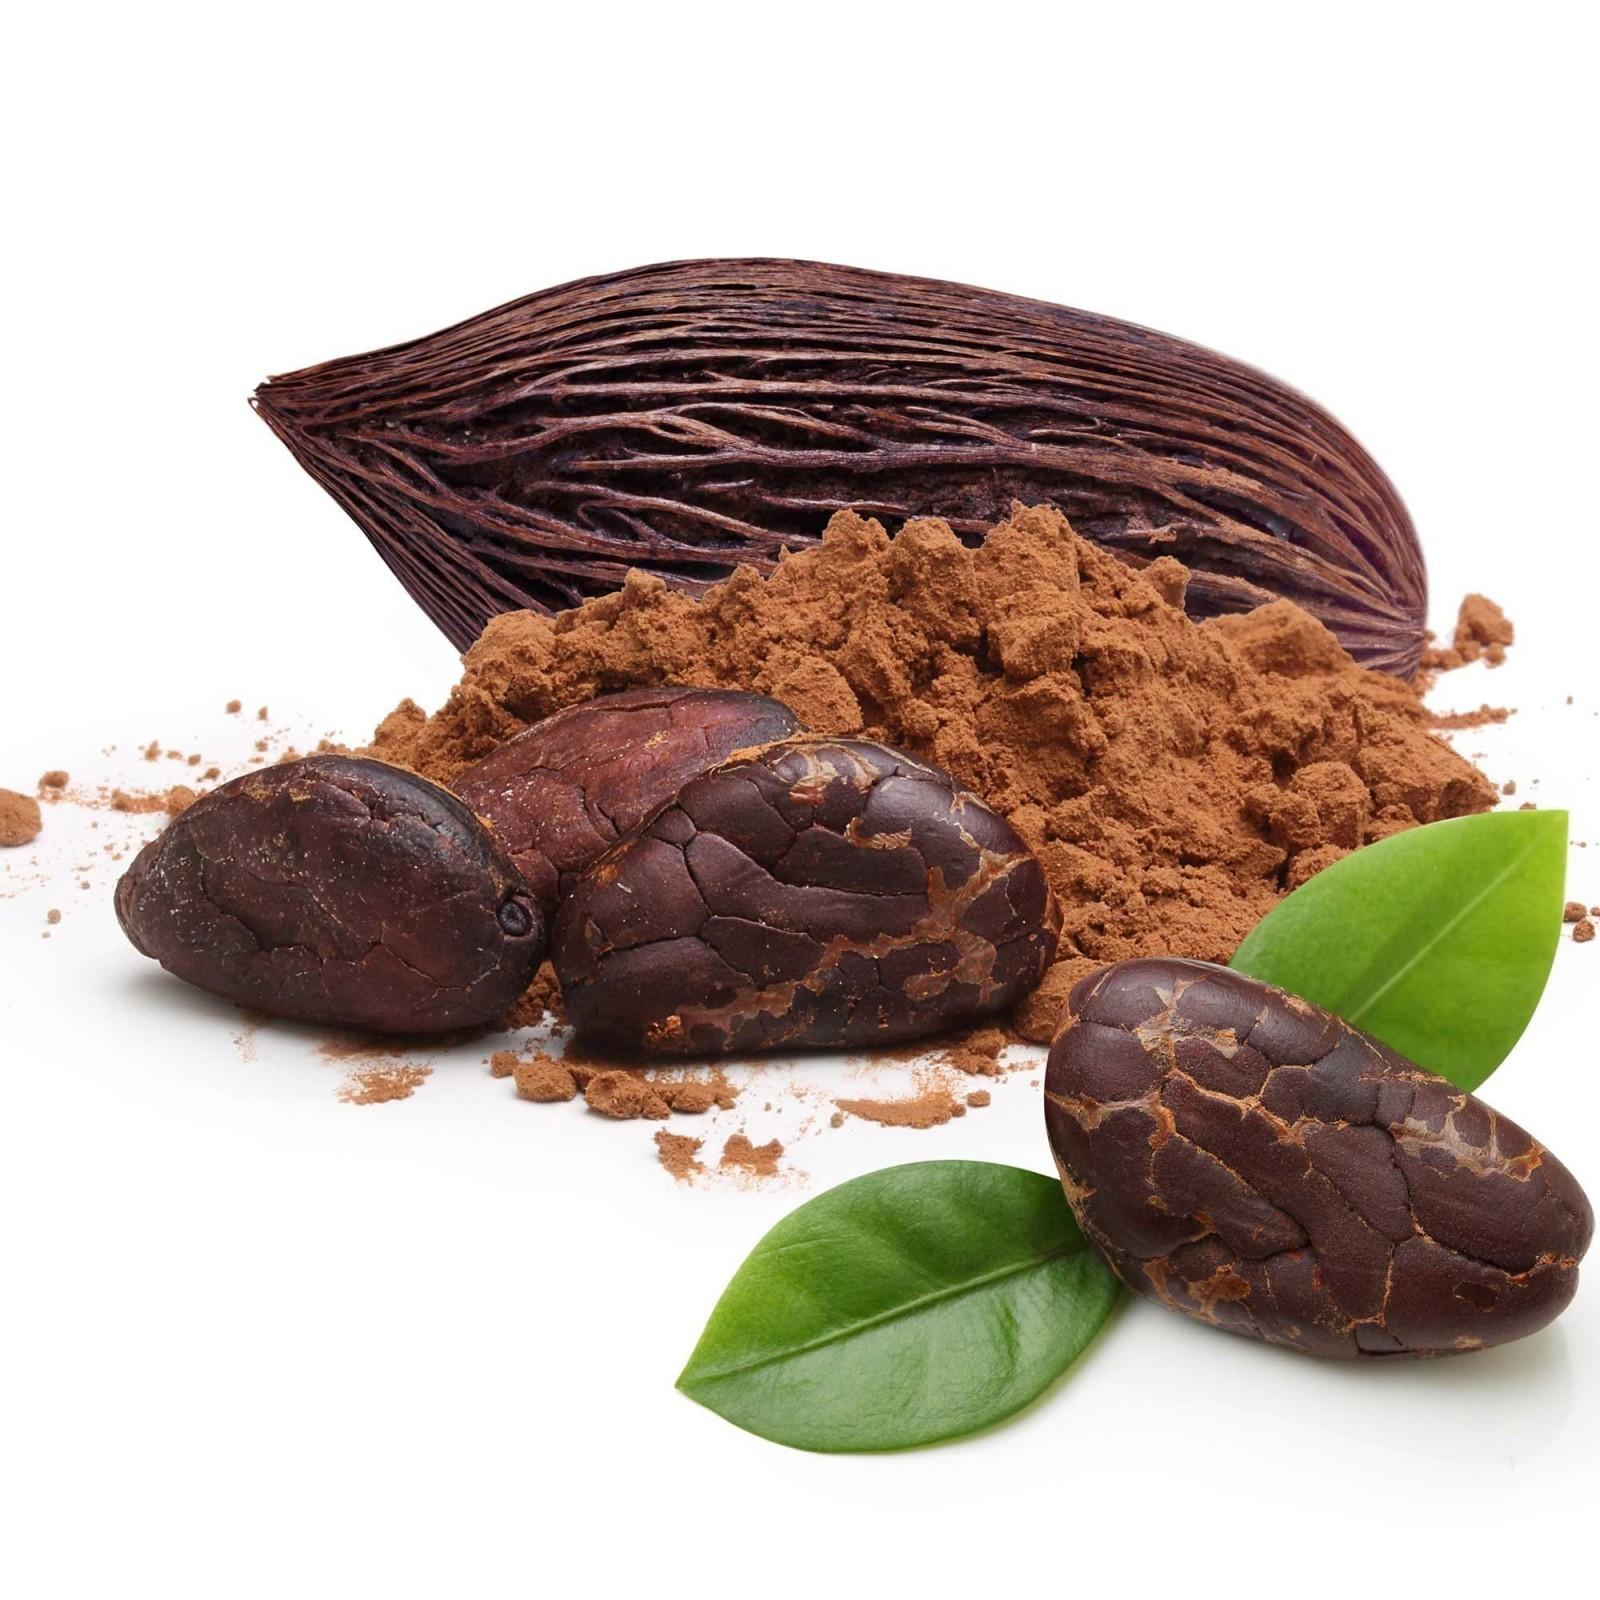 افضل حبات شوكولاته خام من اي هيرب